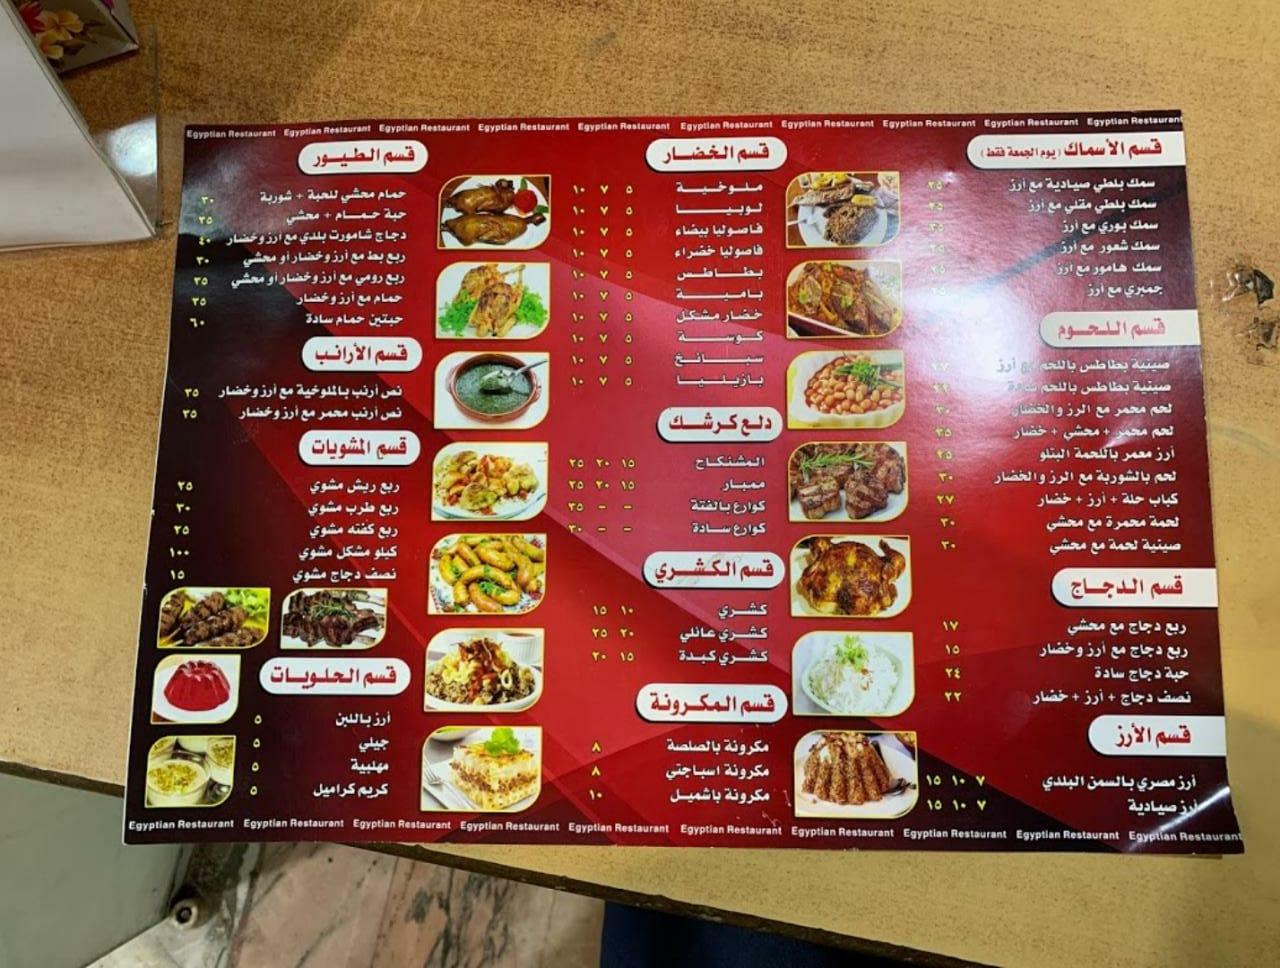 المطعم المصري الأسعار المنيو الموقع كافيهات و مطاعم الرياض